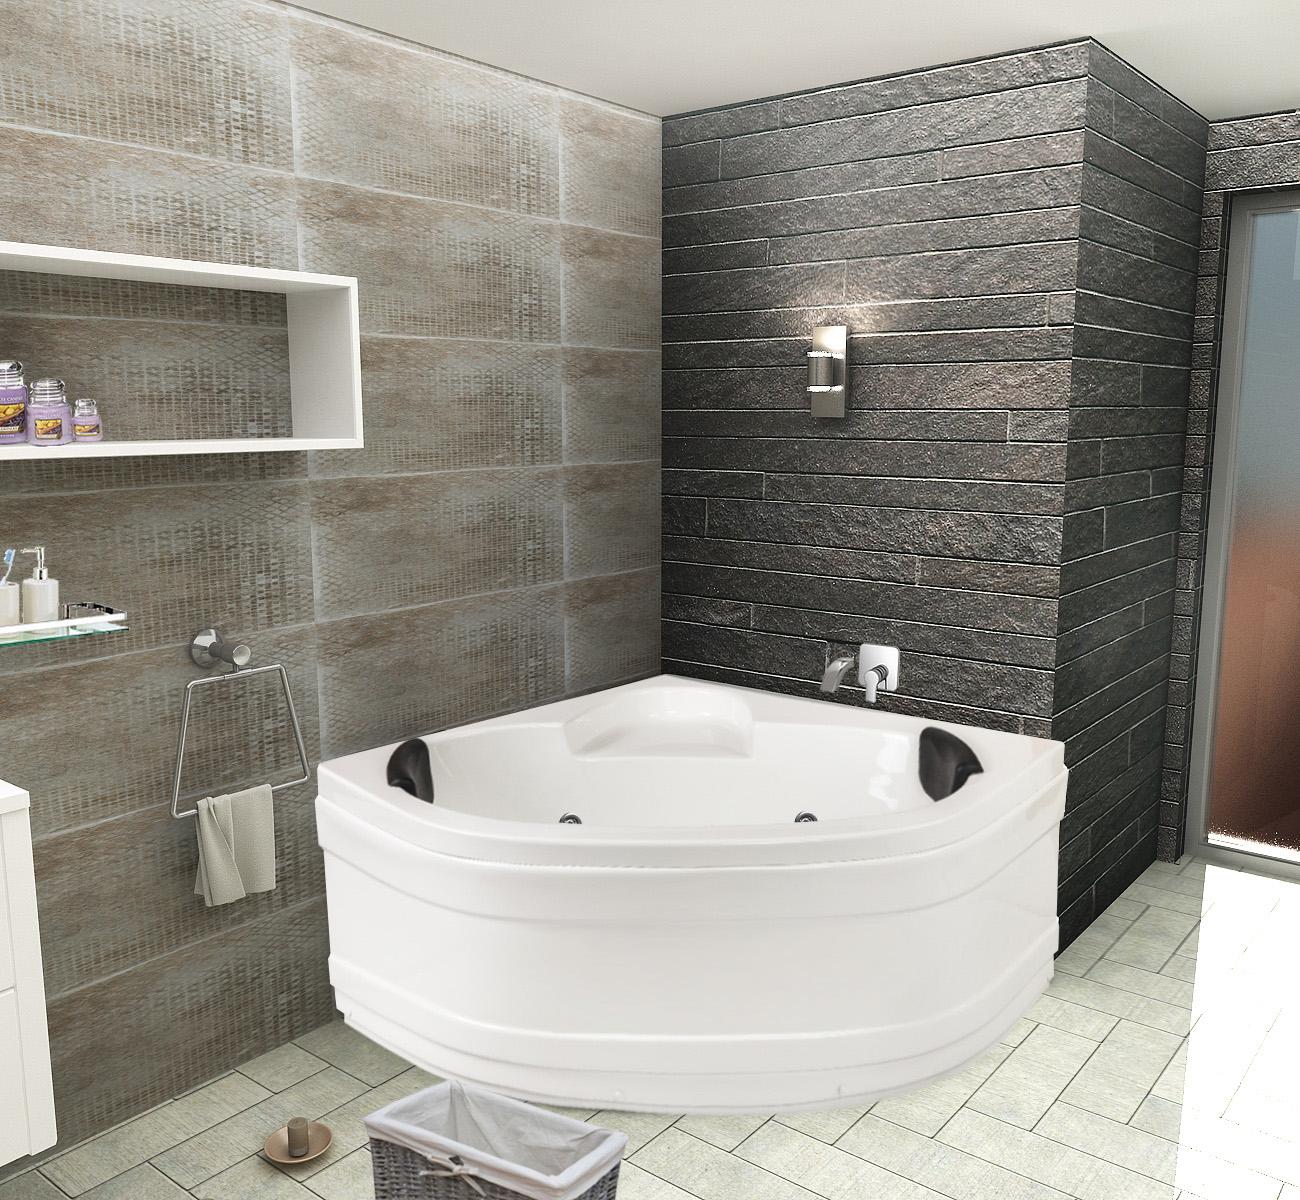 Хидромасажна вана СТЕЛА 120х120 см от Баня.бг - Влез в банята!